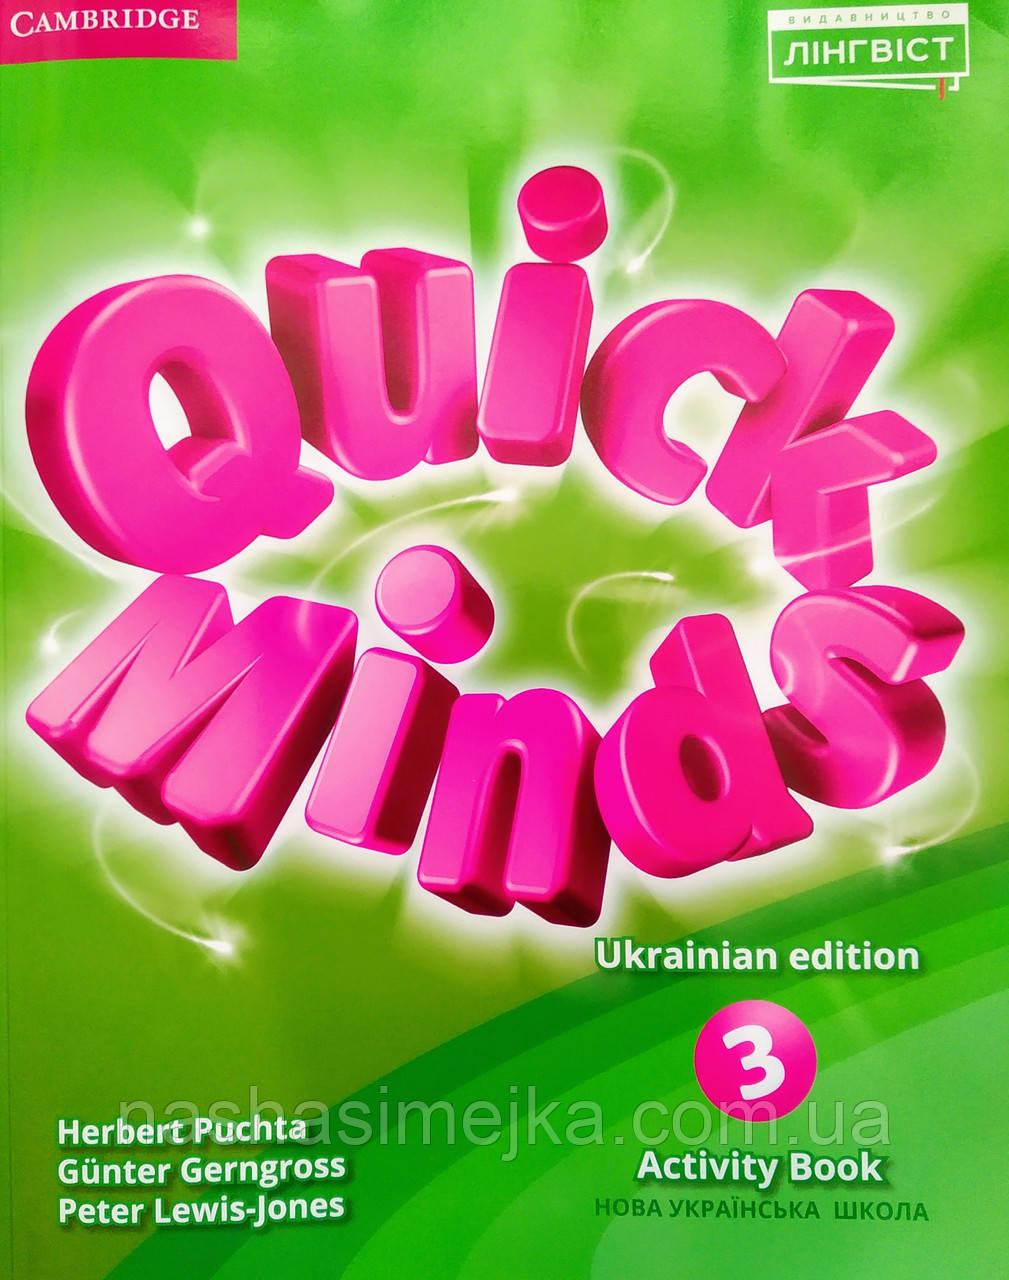 Quick Minds 3 Activity Book Ukrainian еdition НУШ Англійська мова 3 клас Робочий зошит для учня. (Г. Пухта)